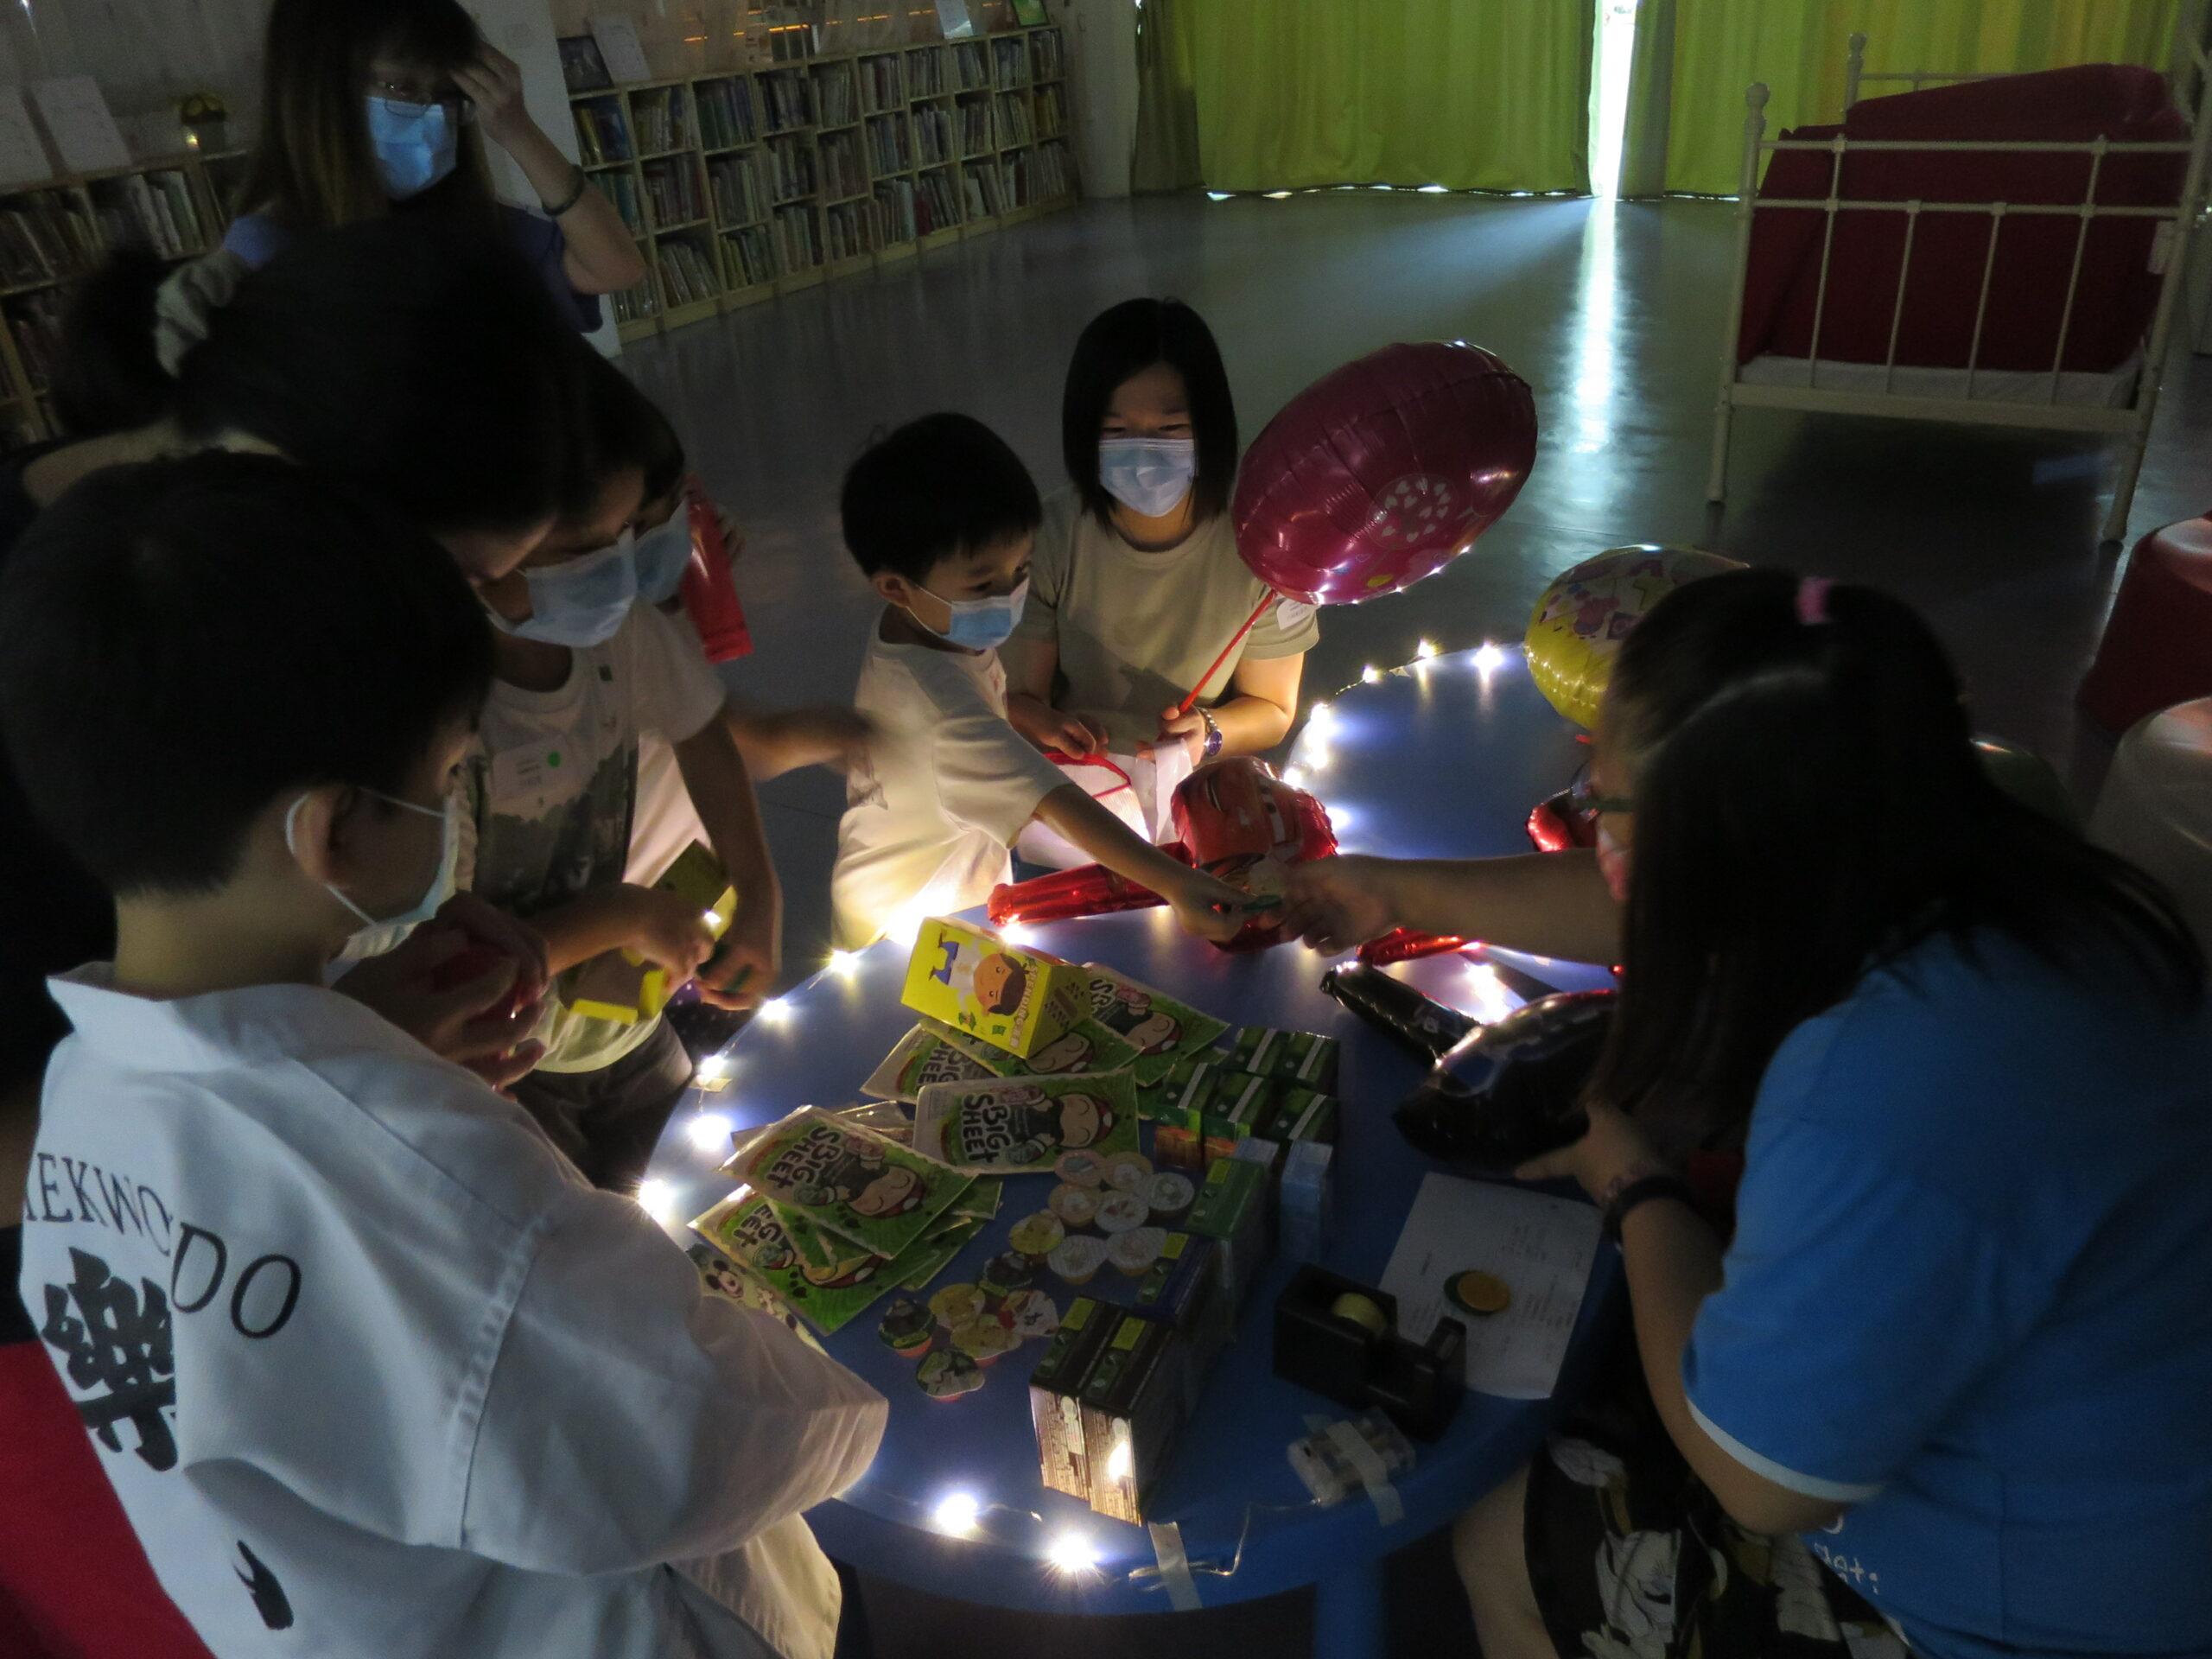 夜遊童話市集 從小學習金錢的意義